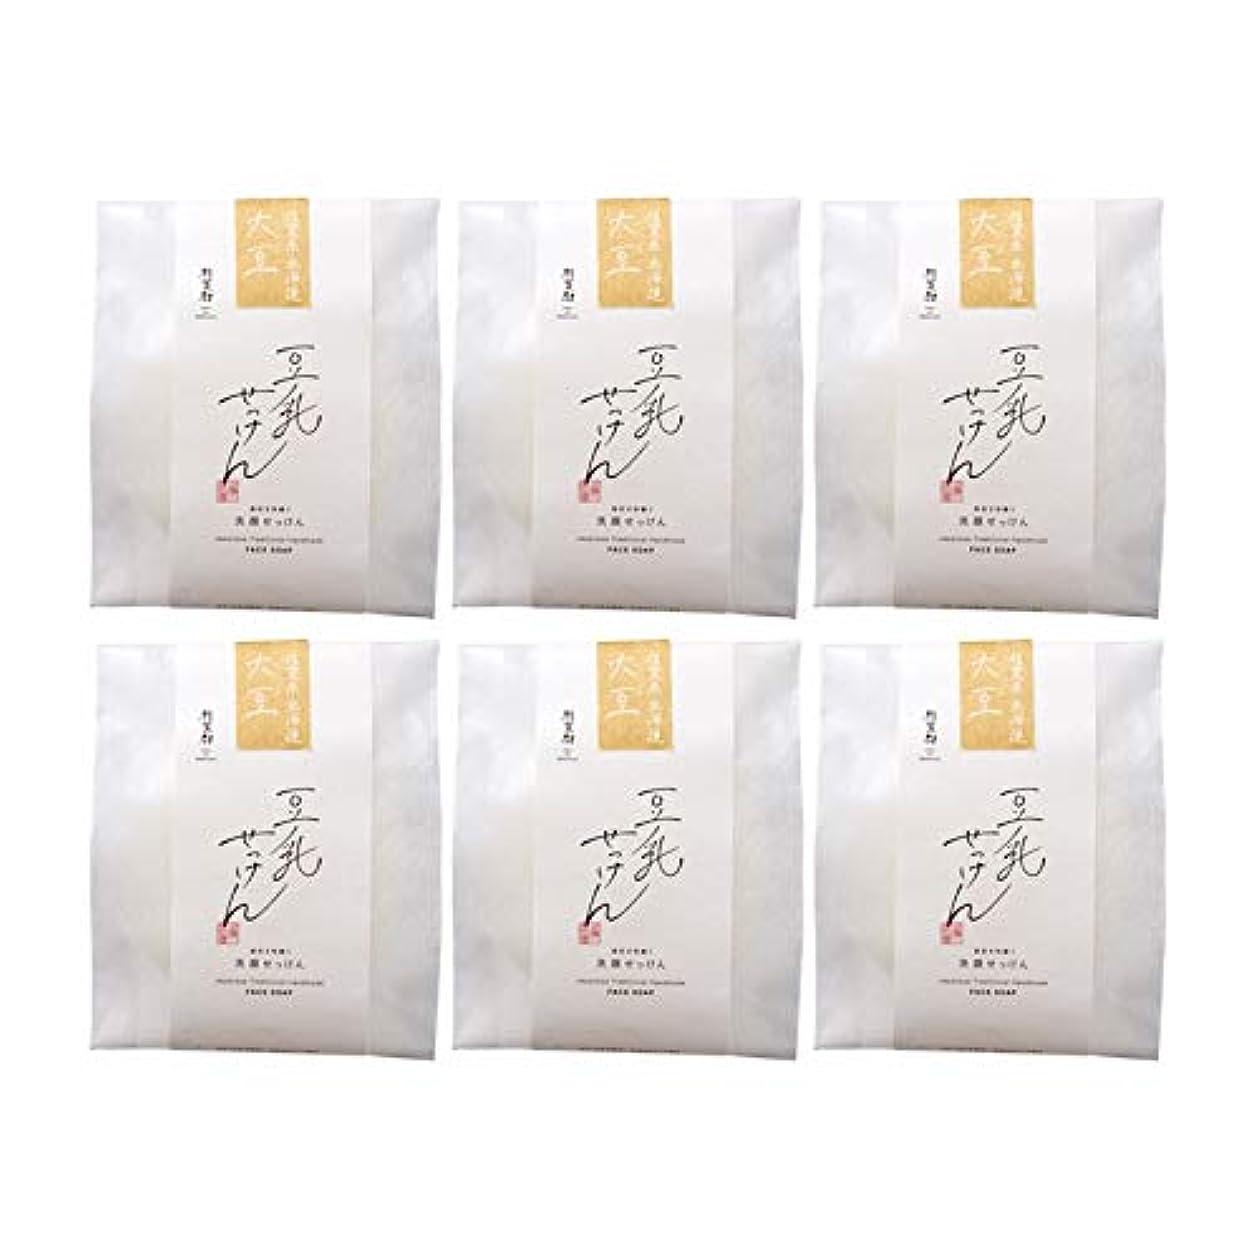 夕暮れメニューメイト豆腐の盛田屋 豆乳せっけん 自然生活 100g×6個セット